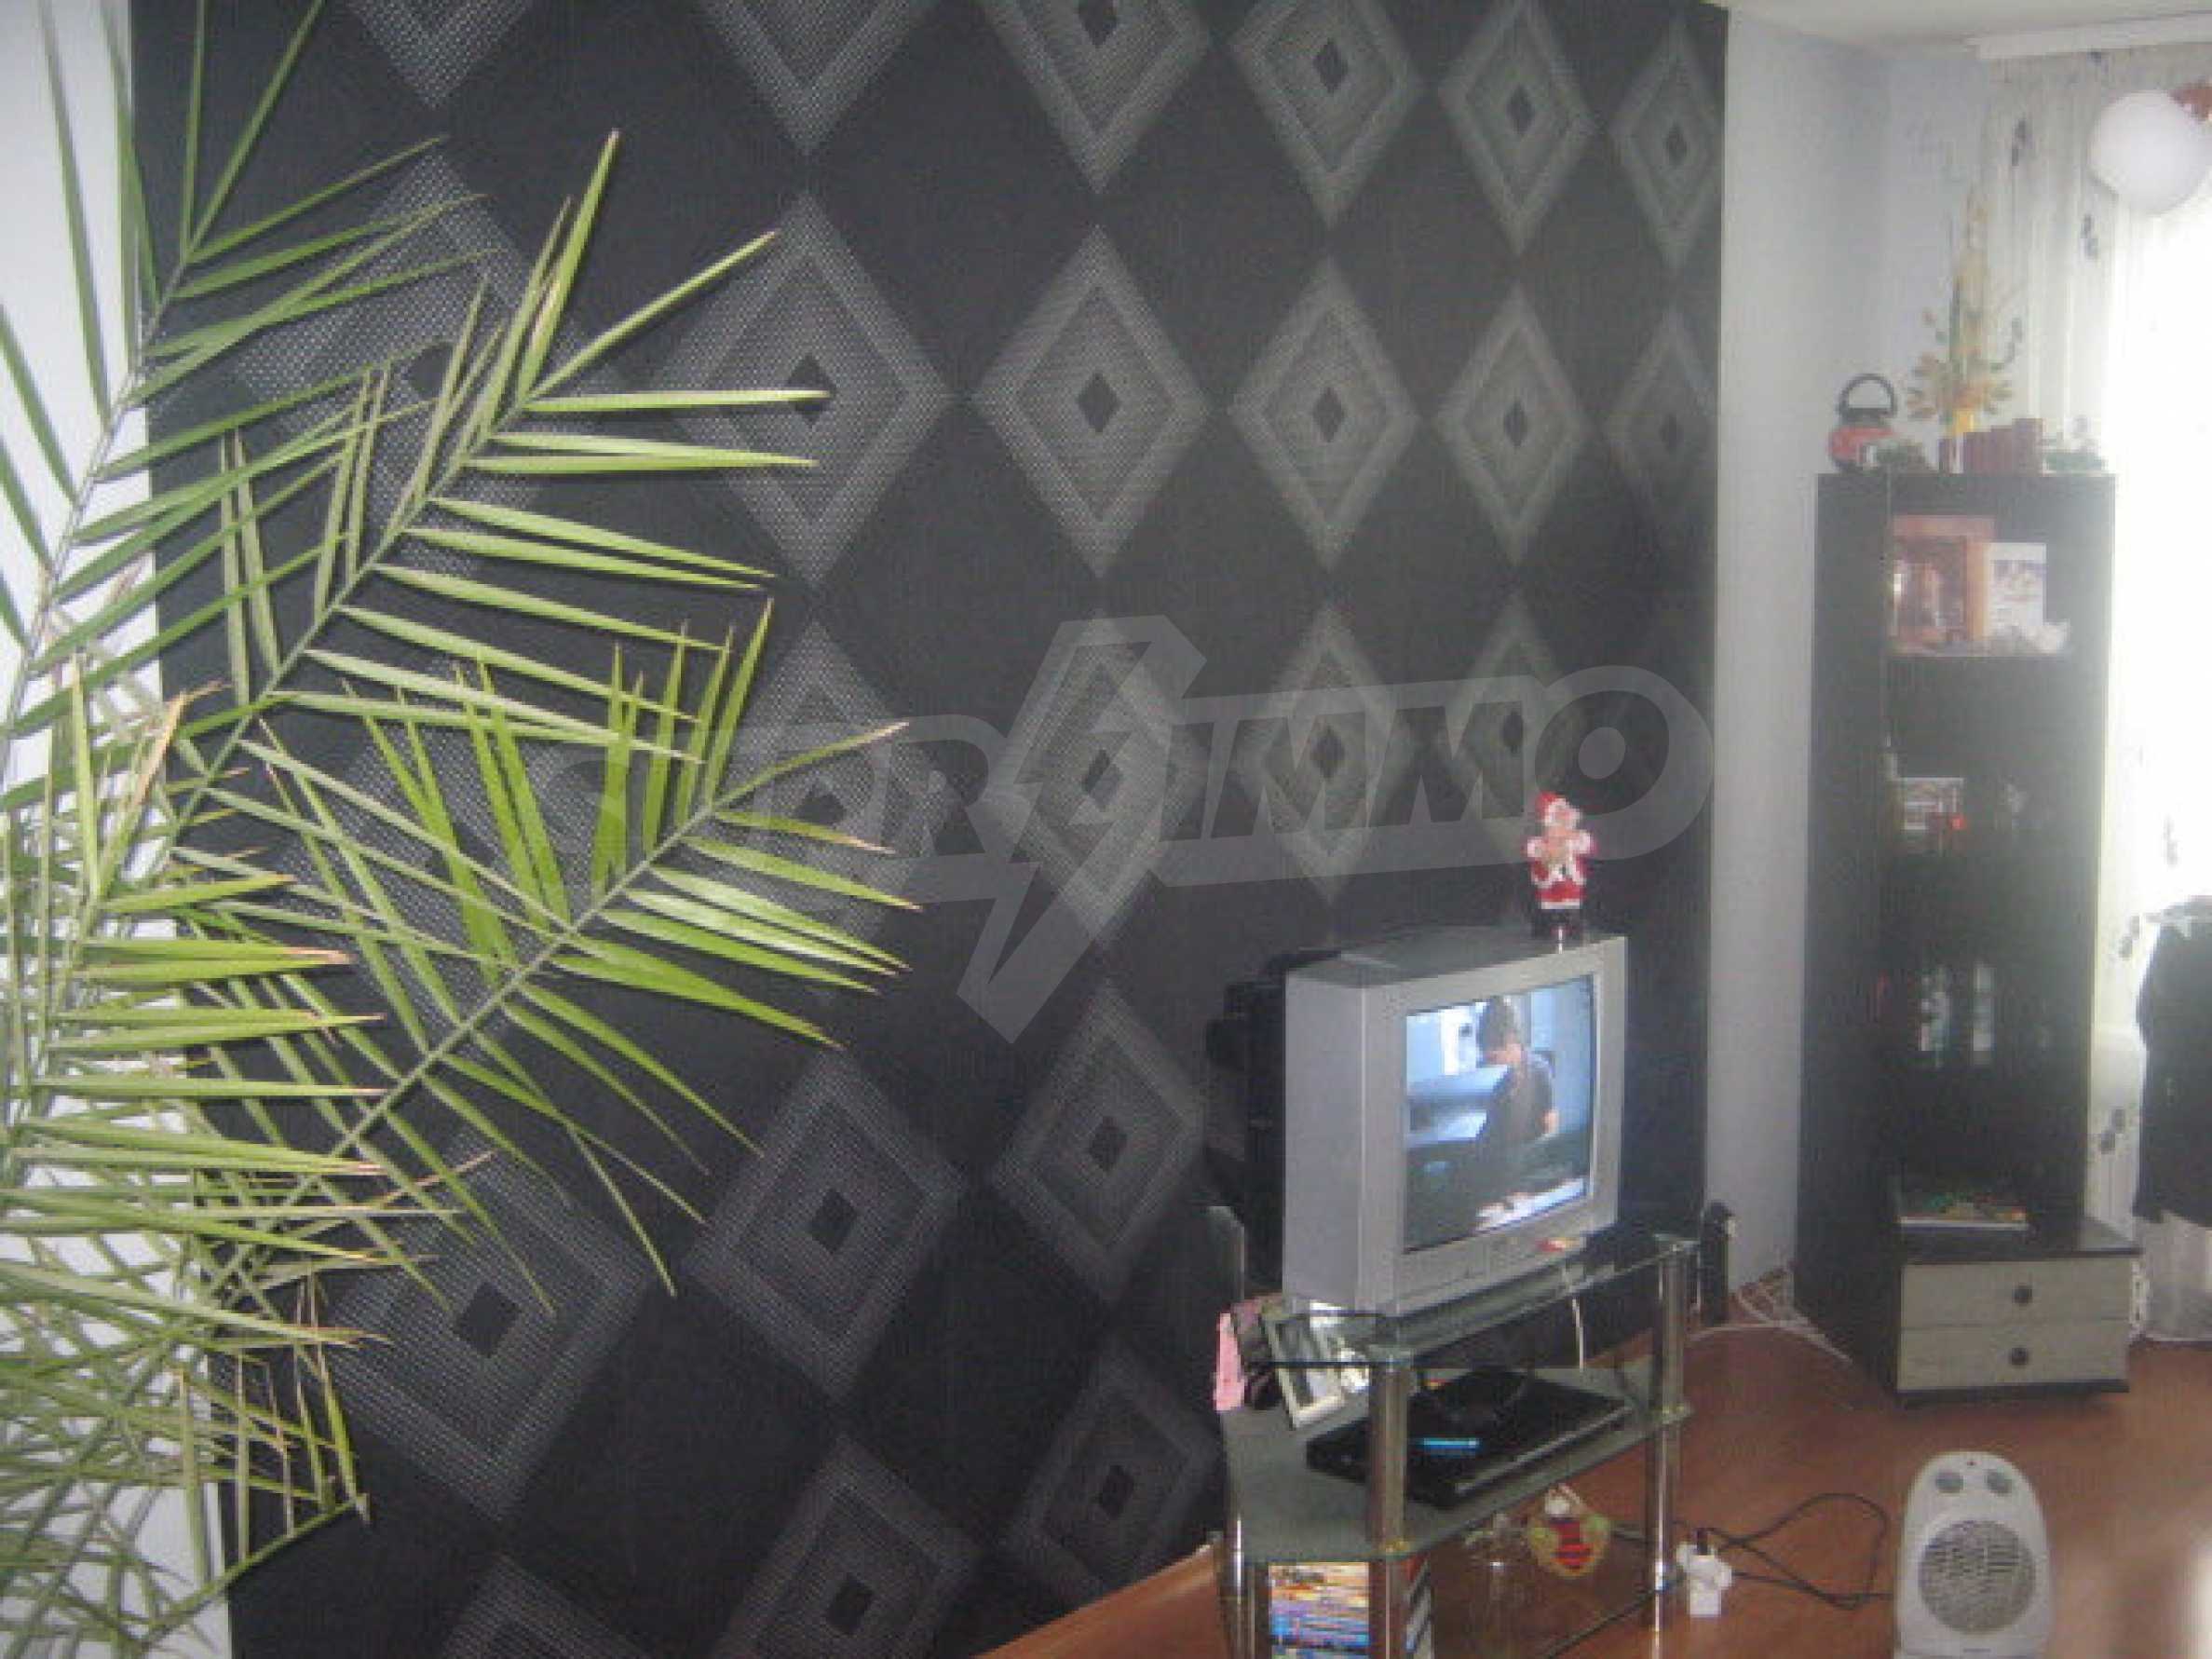 Двустаен апартамент за продажба във гр. Видин 3